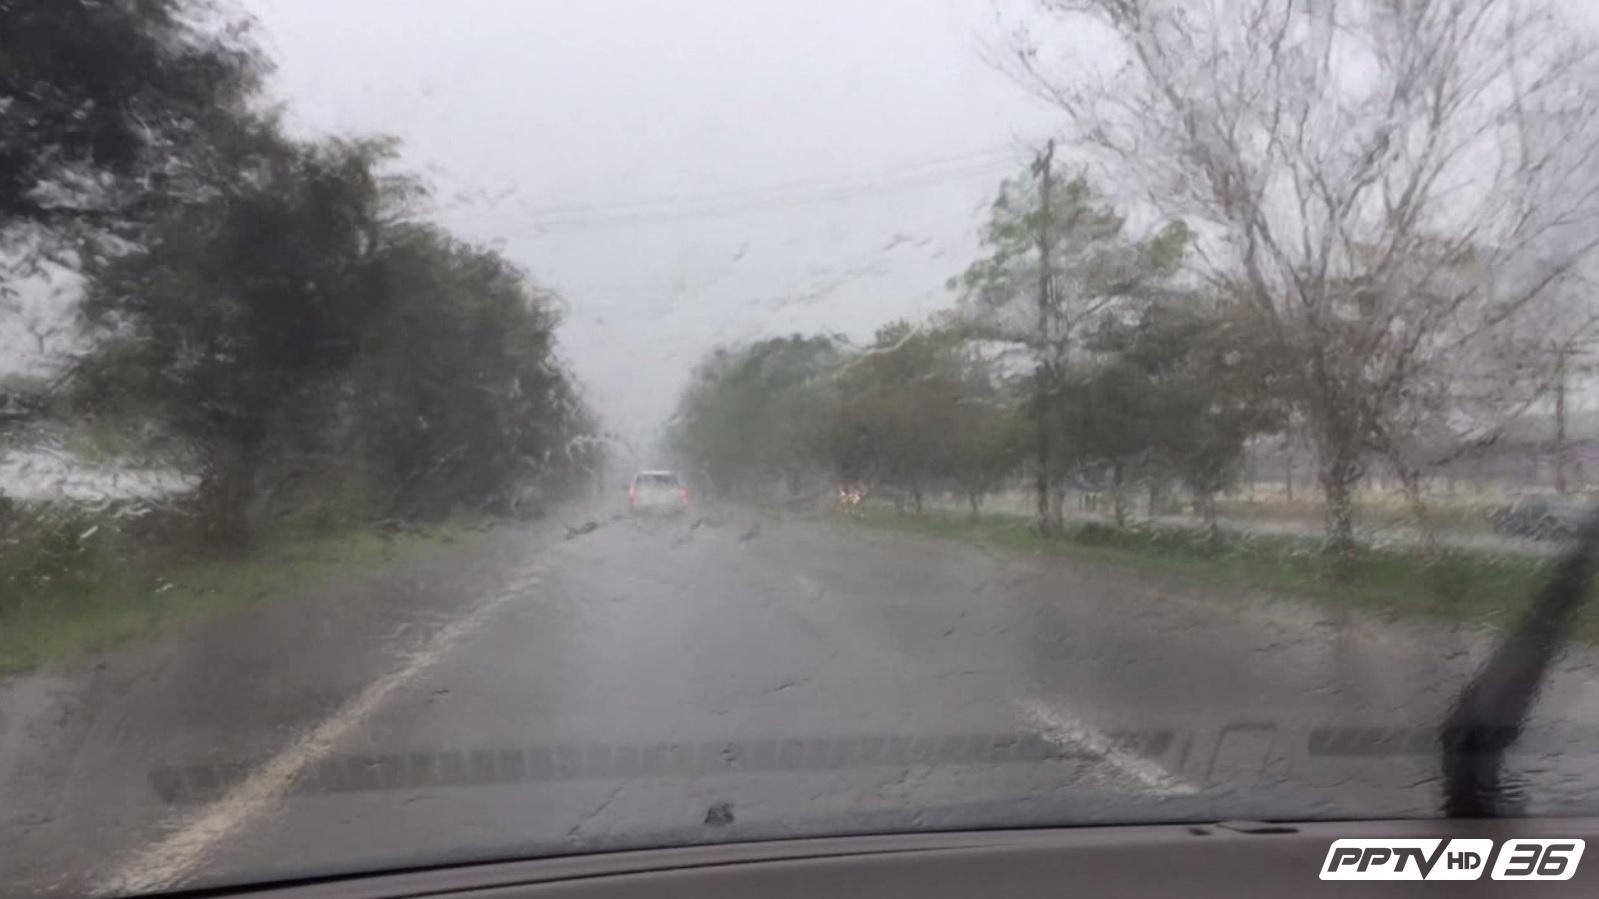 สุราษฎร์ฯ ฝนตกหนัก ปภ.เตือนพื้นที่เสี่ยงระวังถึง 4 ม.ค.60